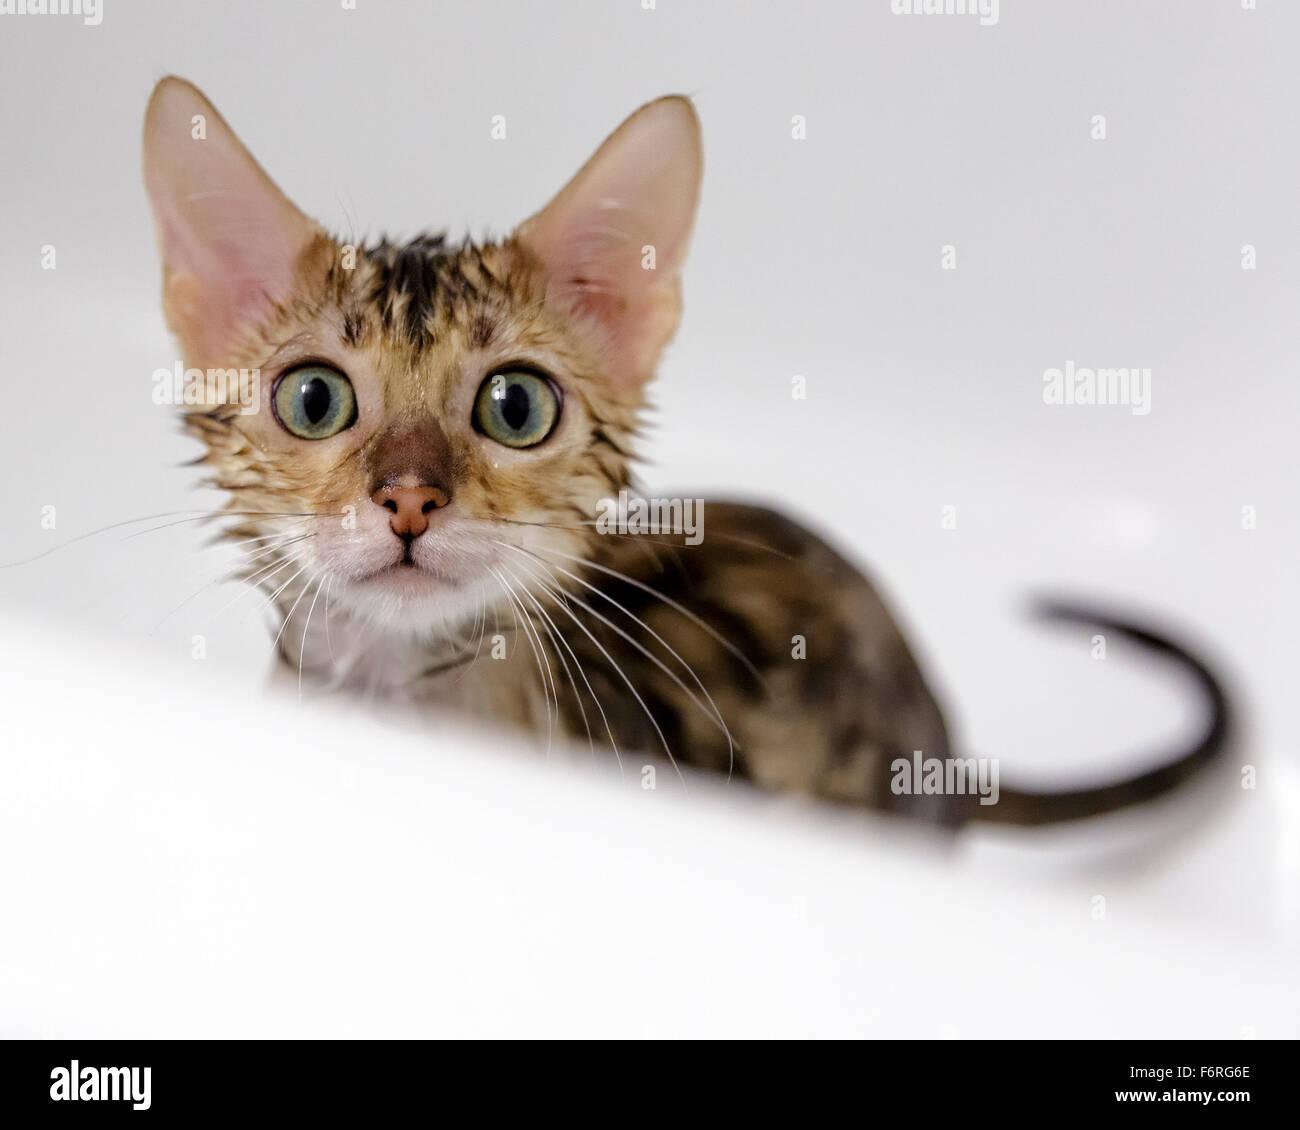 Weibliche Bengalkatze Kitten an Kamera mit Badewanne und Dusche in der Wanne Model Release: Nein Property Release: Stockbild